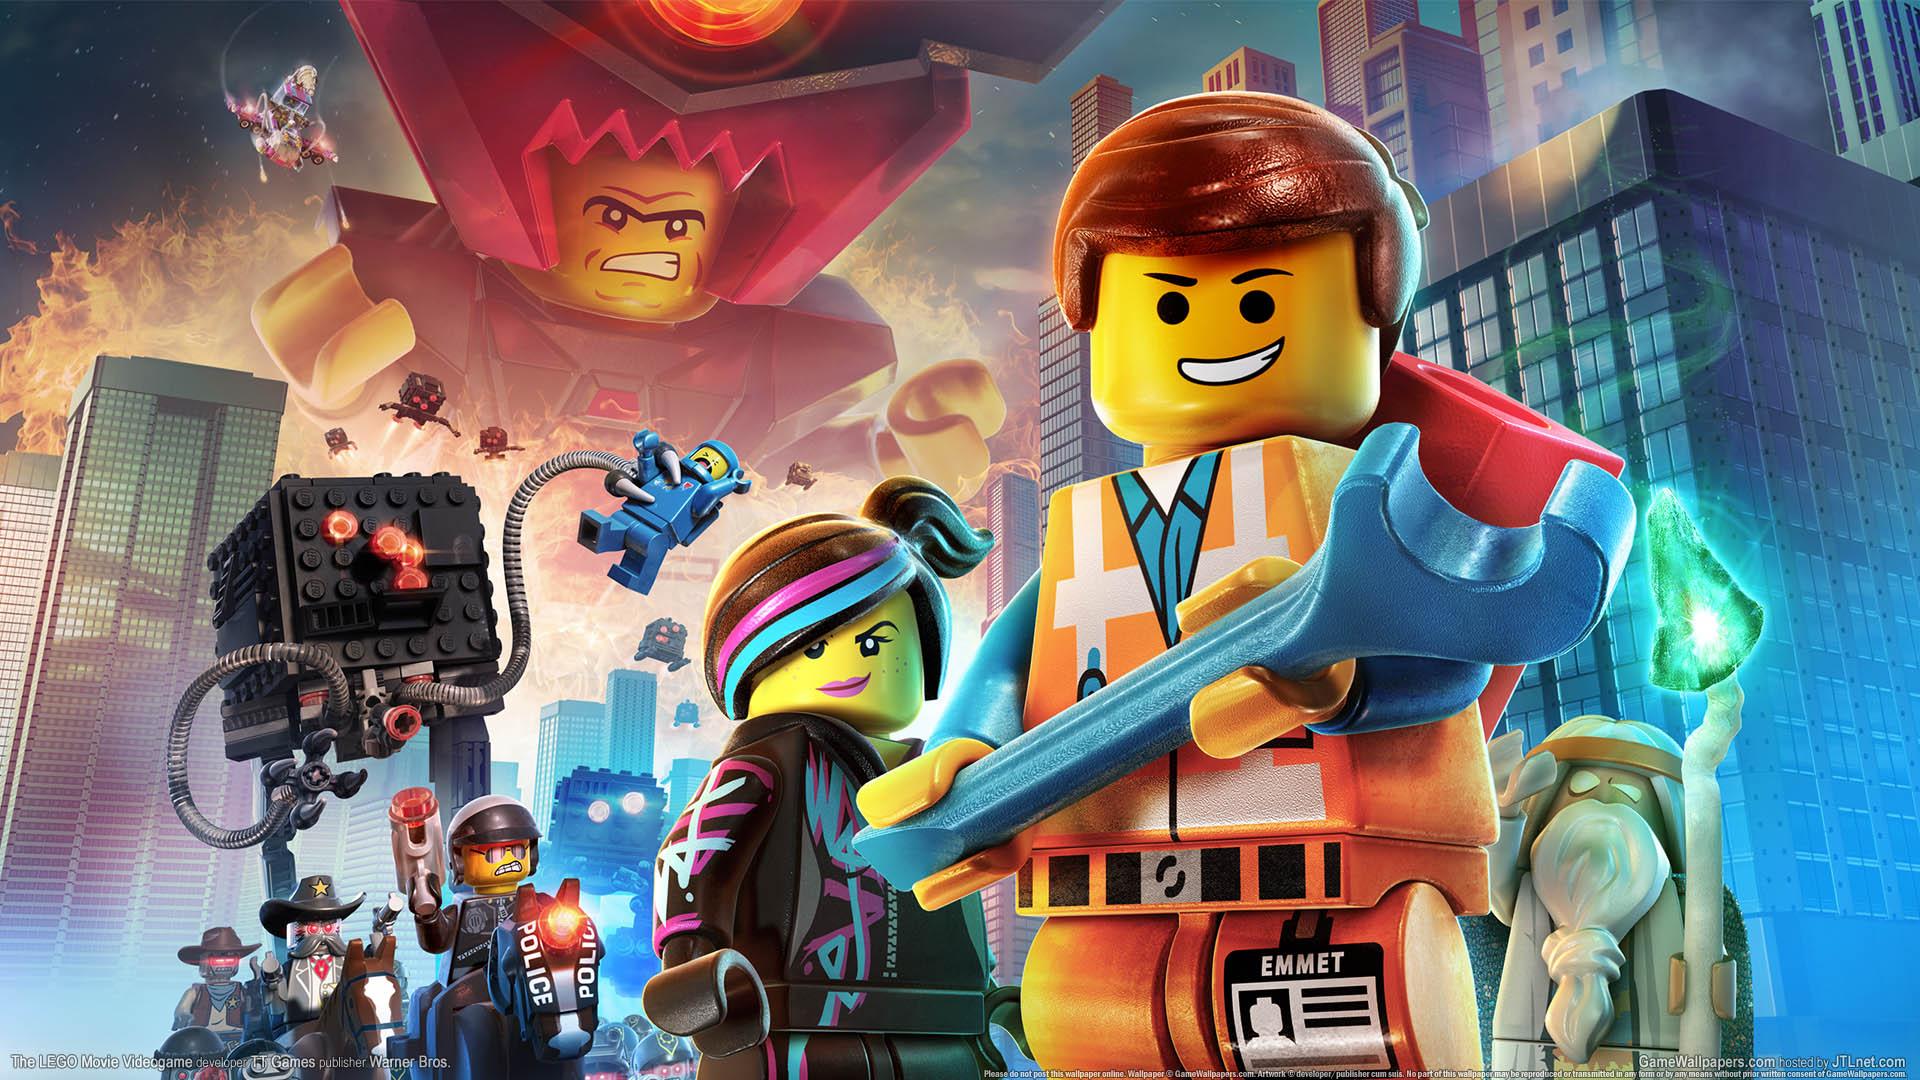 The Lego Movie Videogame Fondo De Escritorio 01 1920x1080